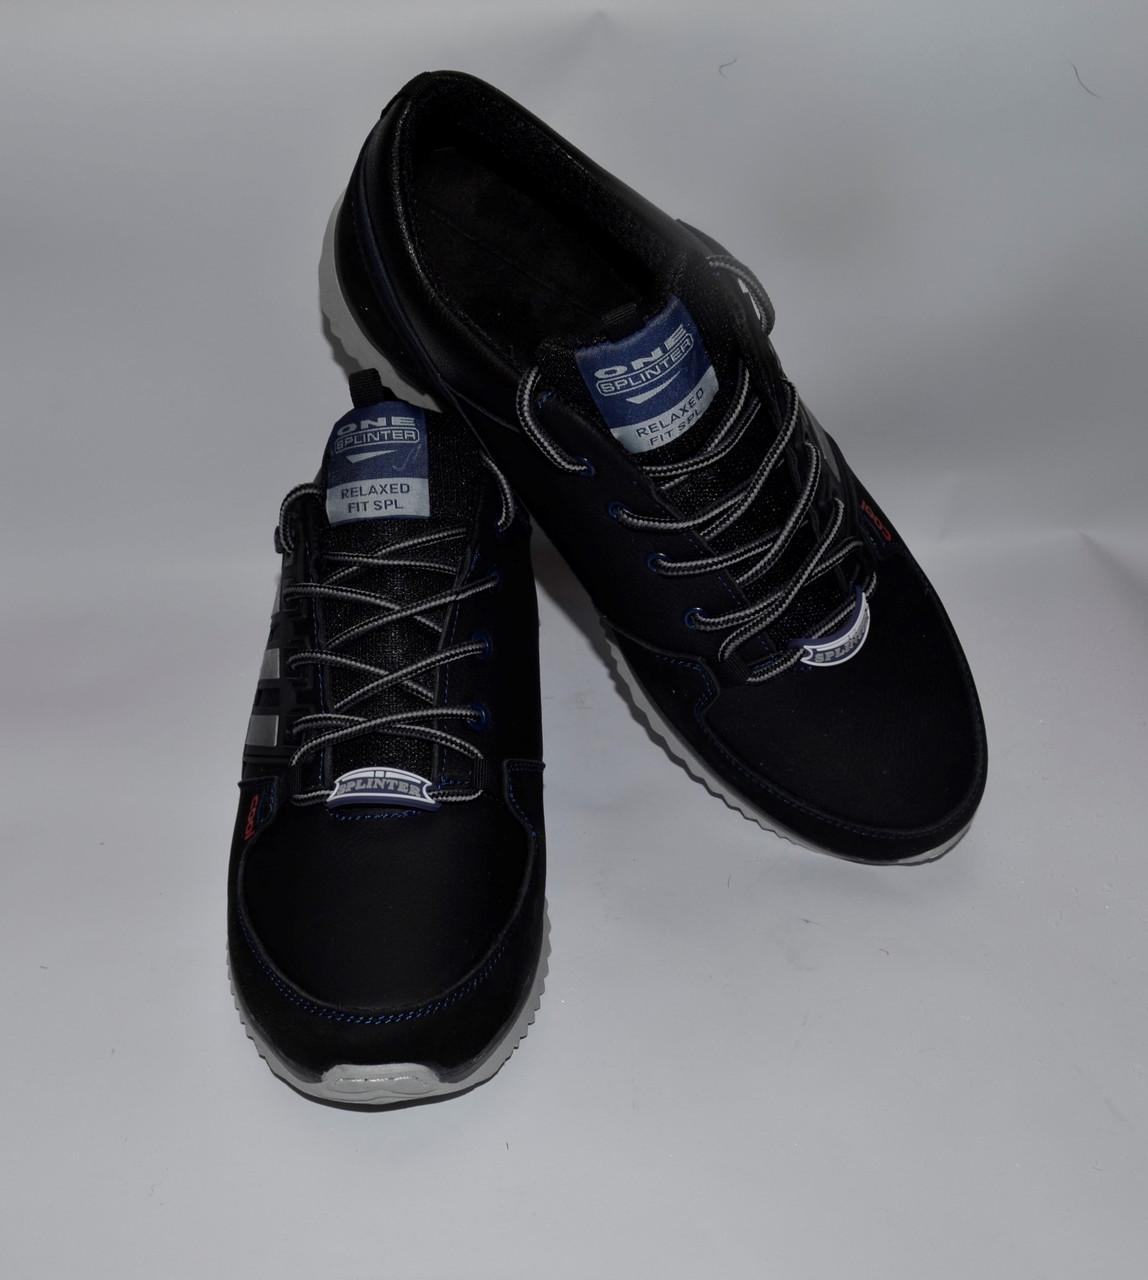 66f27d6e8ae72 Мужские кожаные кроссовки SPLINTER черные с синей кожаной вставкой, три  серые полоски - Интернет магазин